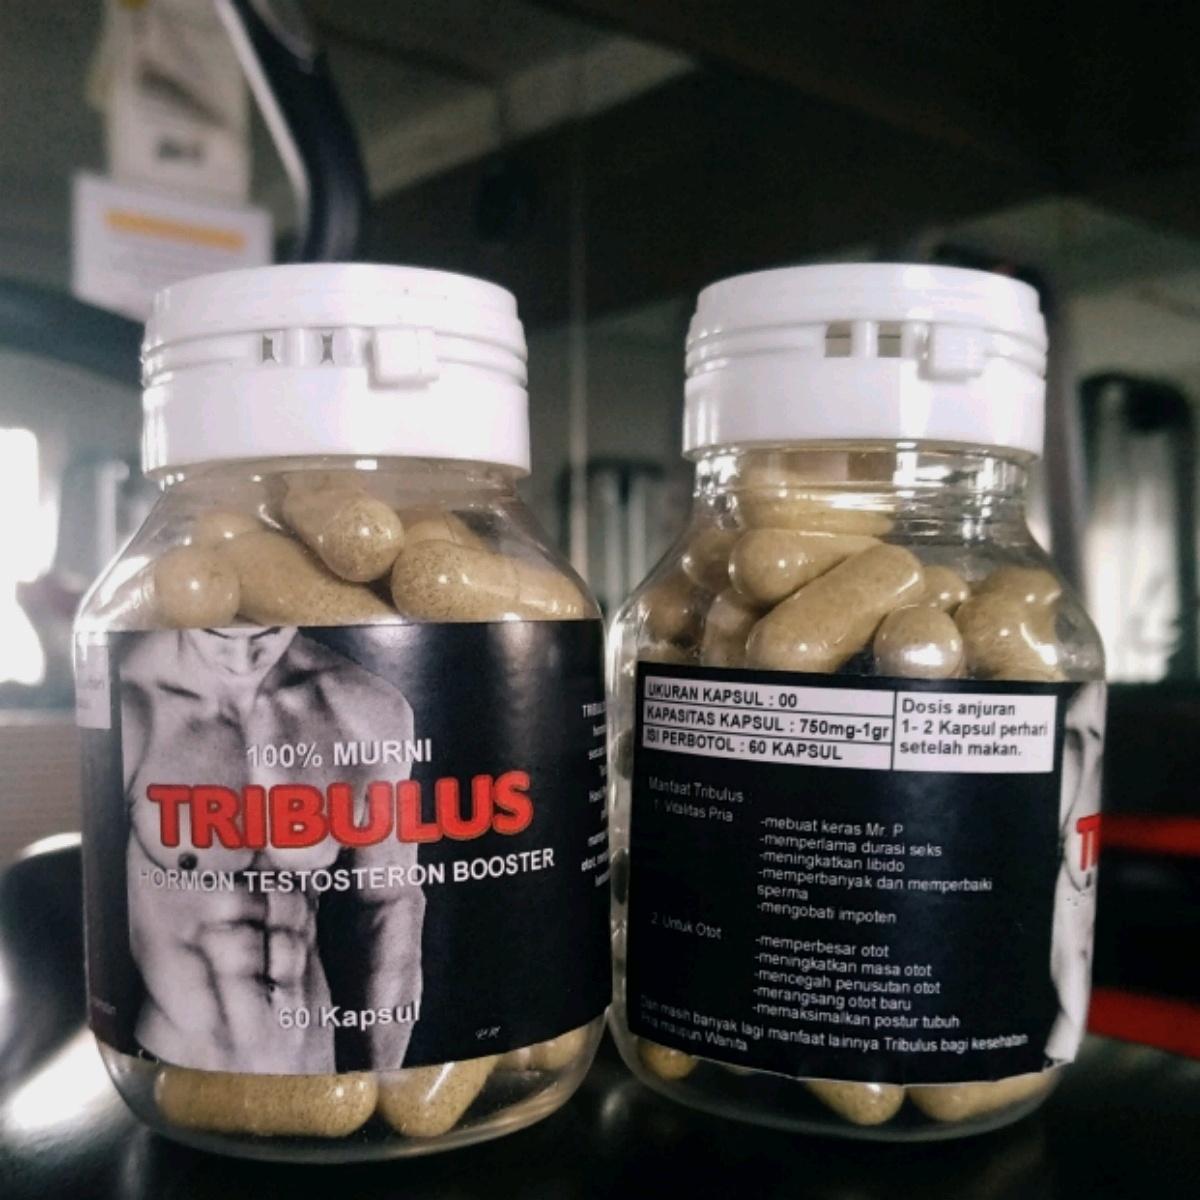 Toko Indonesia Perbandingan Harga Suplemen Makanan Murni 21 07 18 Curah Kapsul Testoterone Booster Tribulus Terrestris Tri Bulus  Grosir Amino Sale